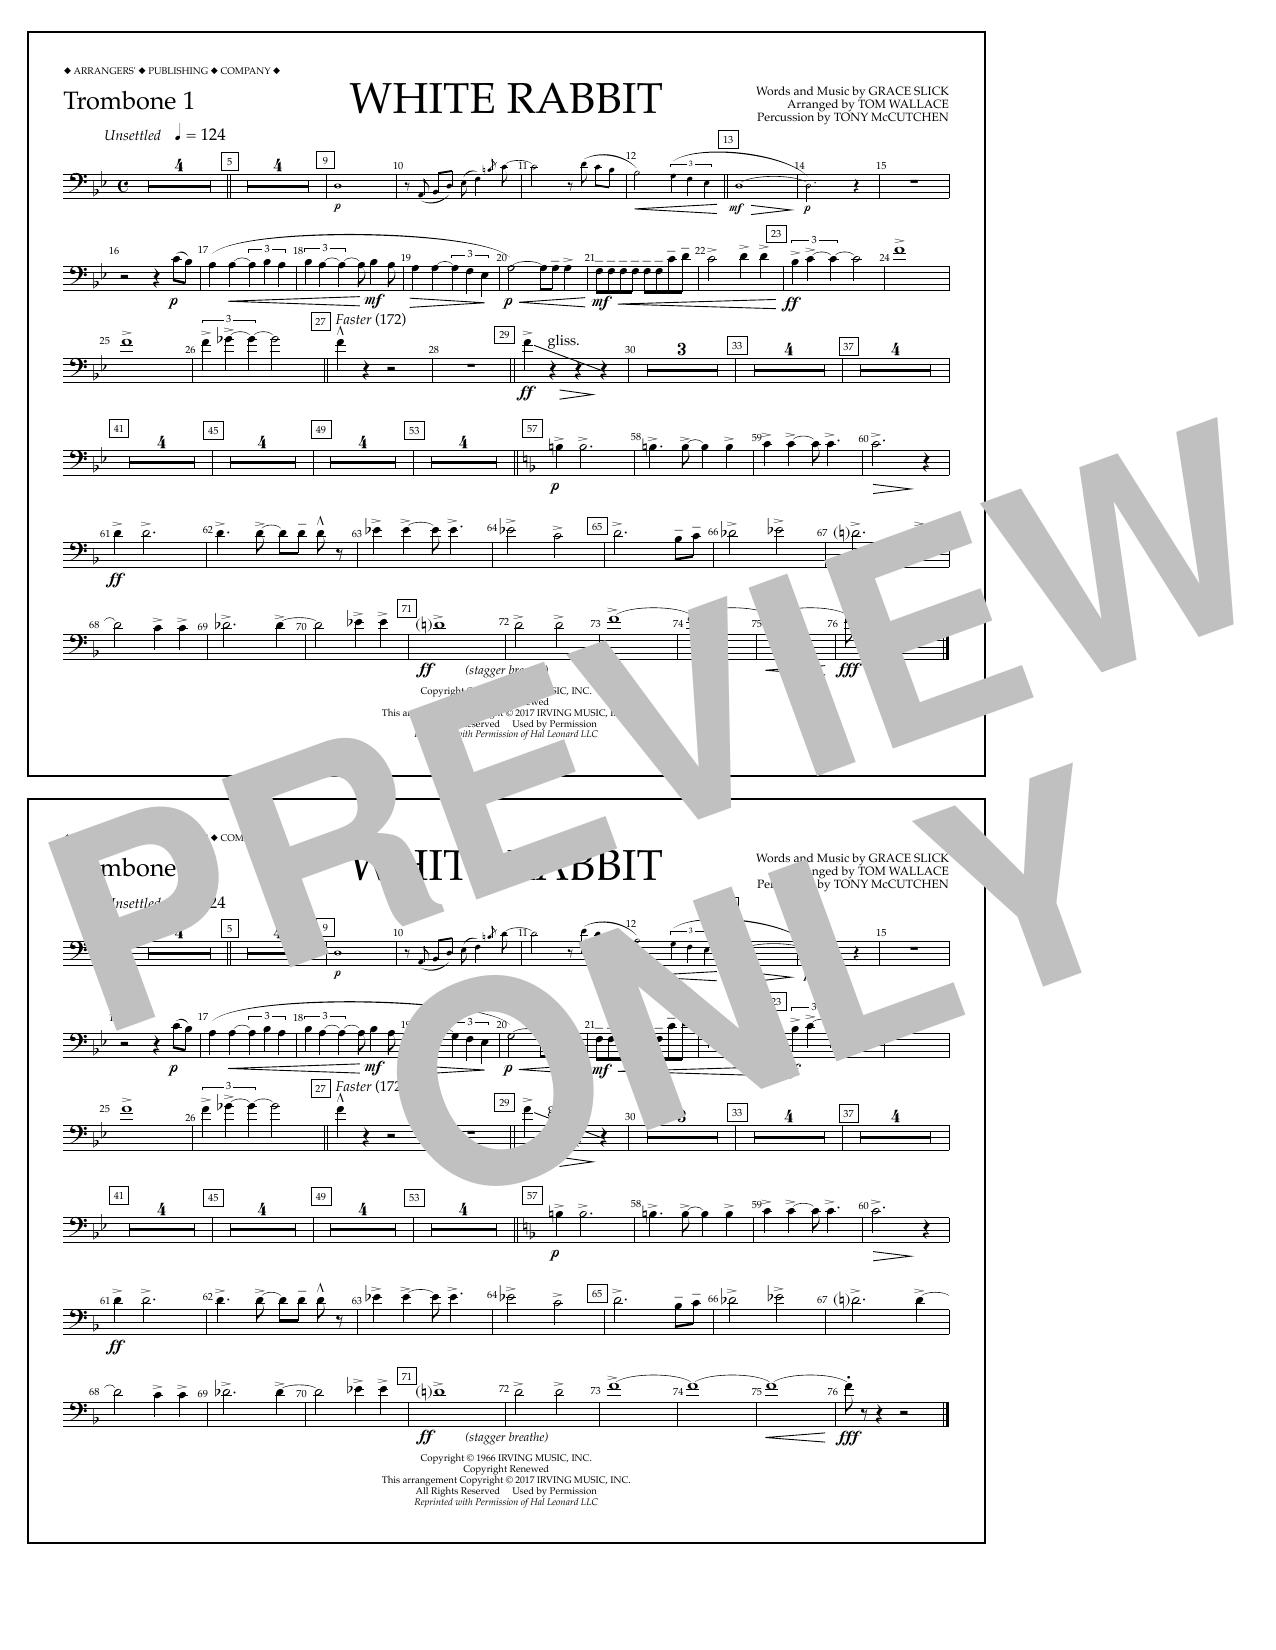 White Rabbit - Trombone 1 Sheet Music